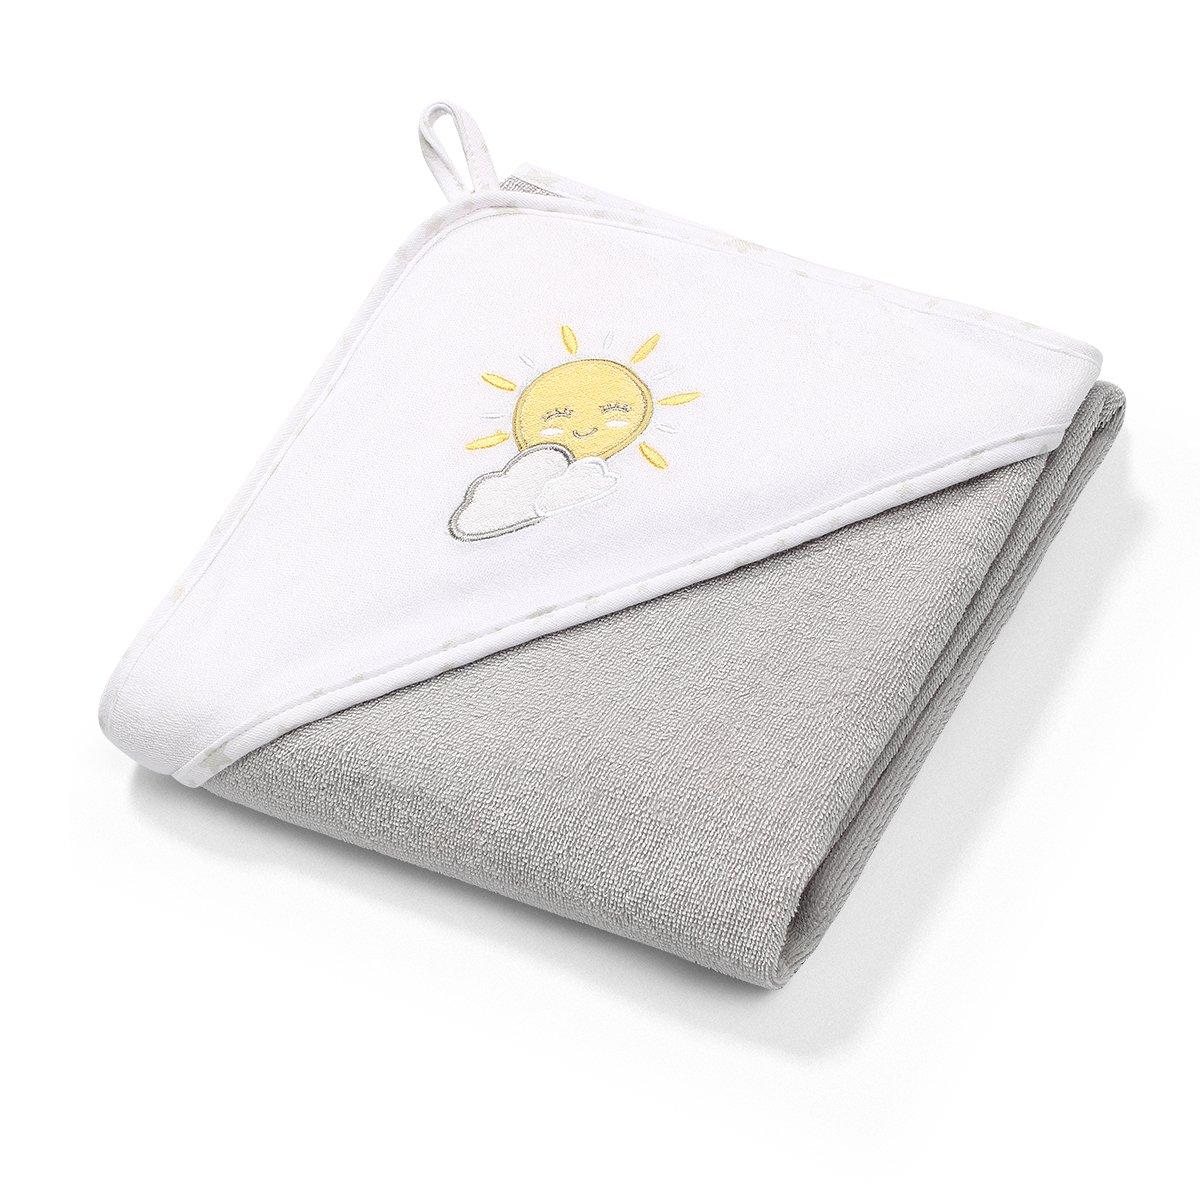 Osuška s kapucí sluníèko FROTTE 76x76 cm šedá - zvìtšit obrázek